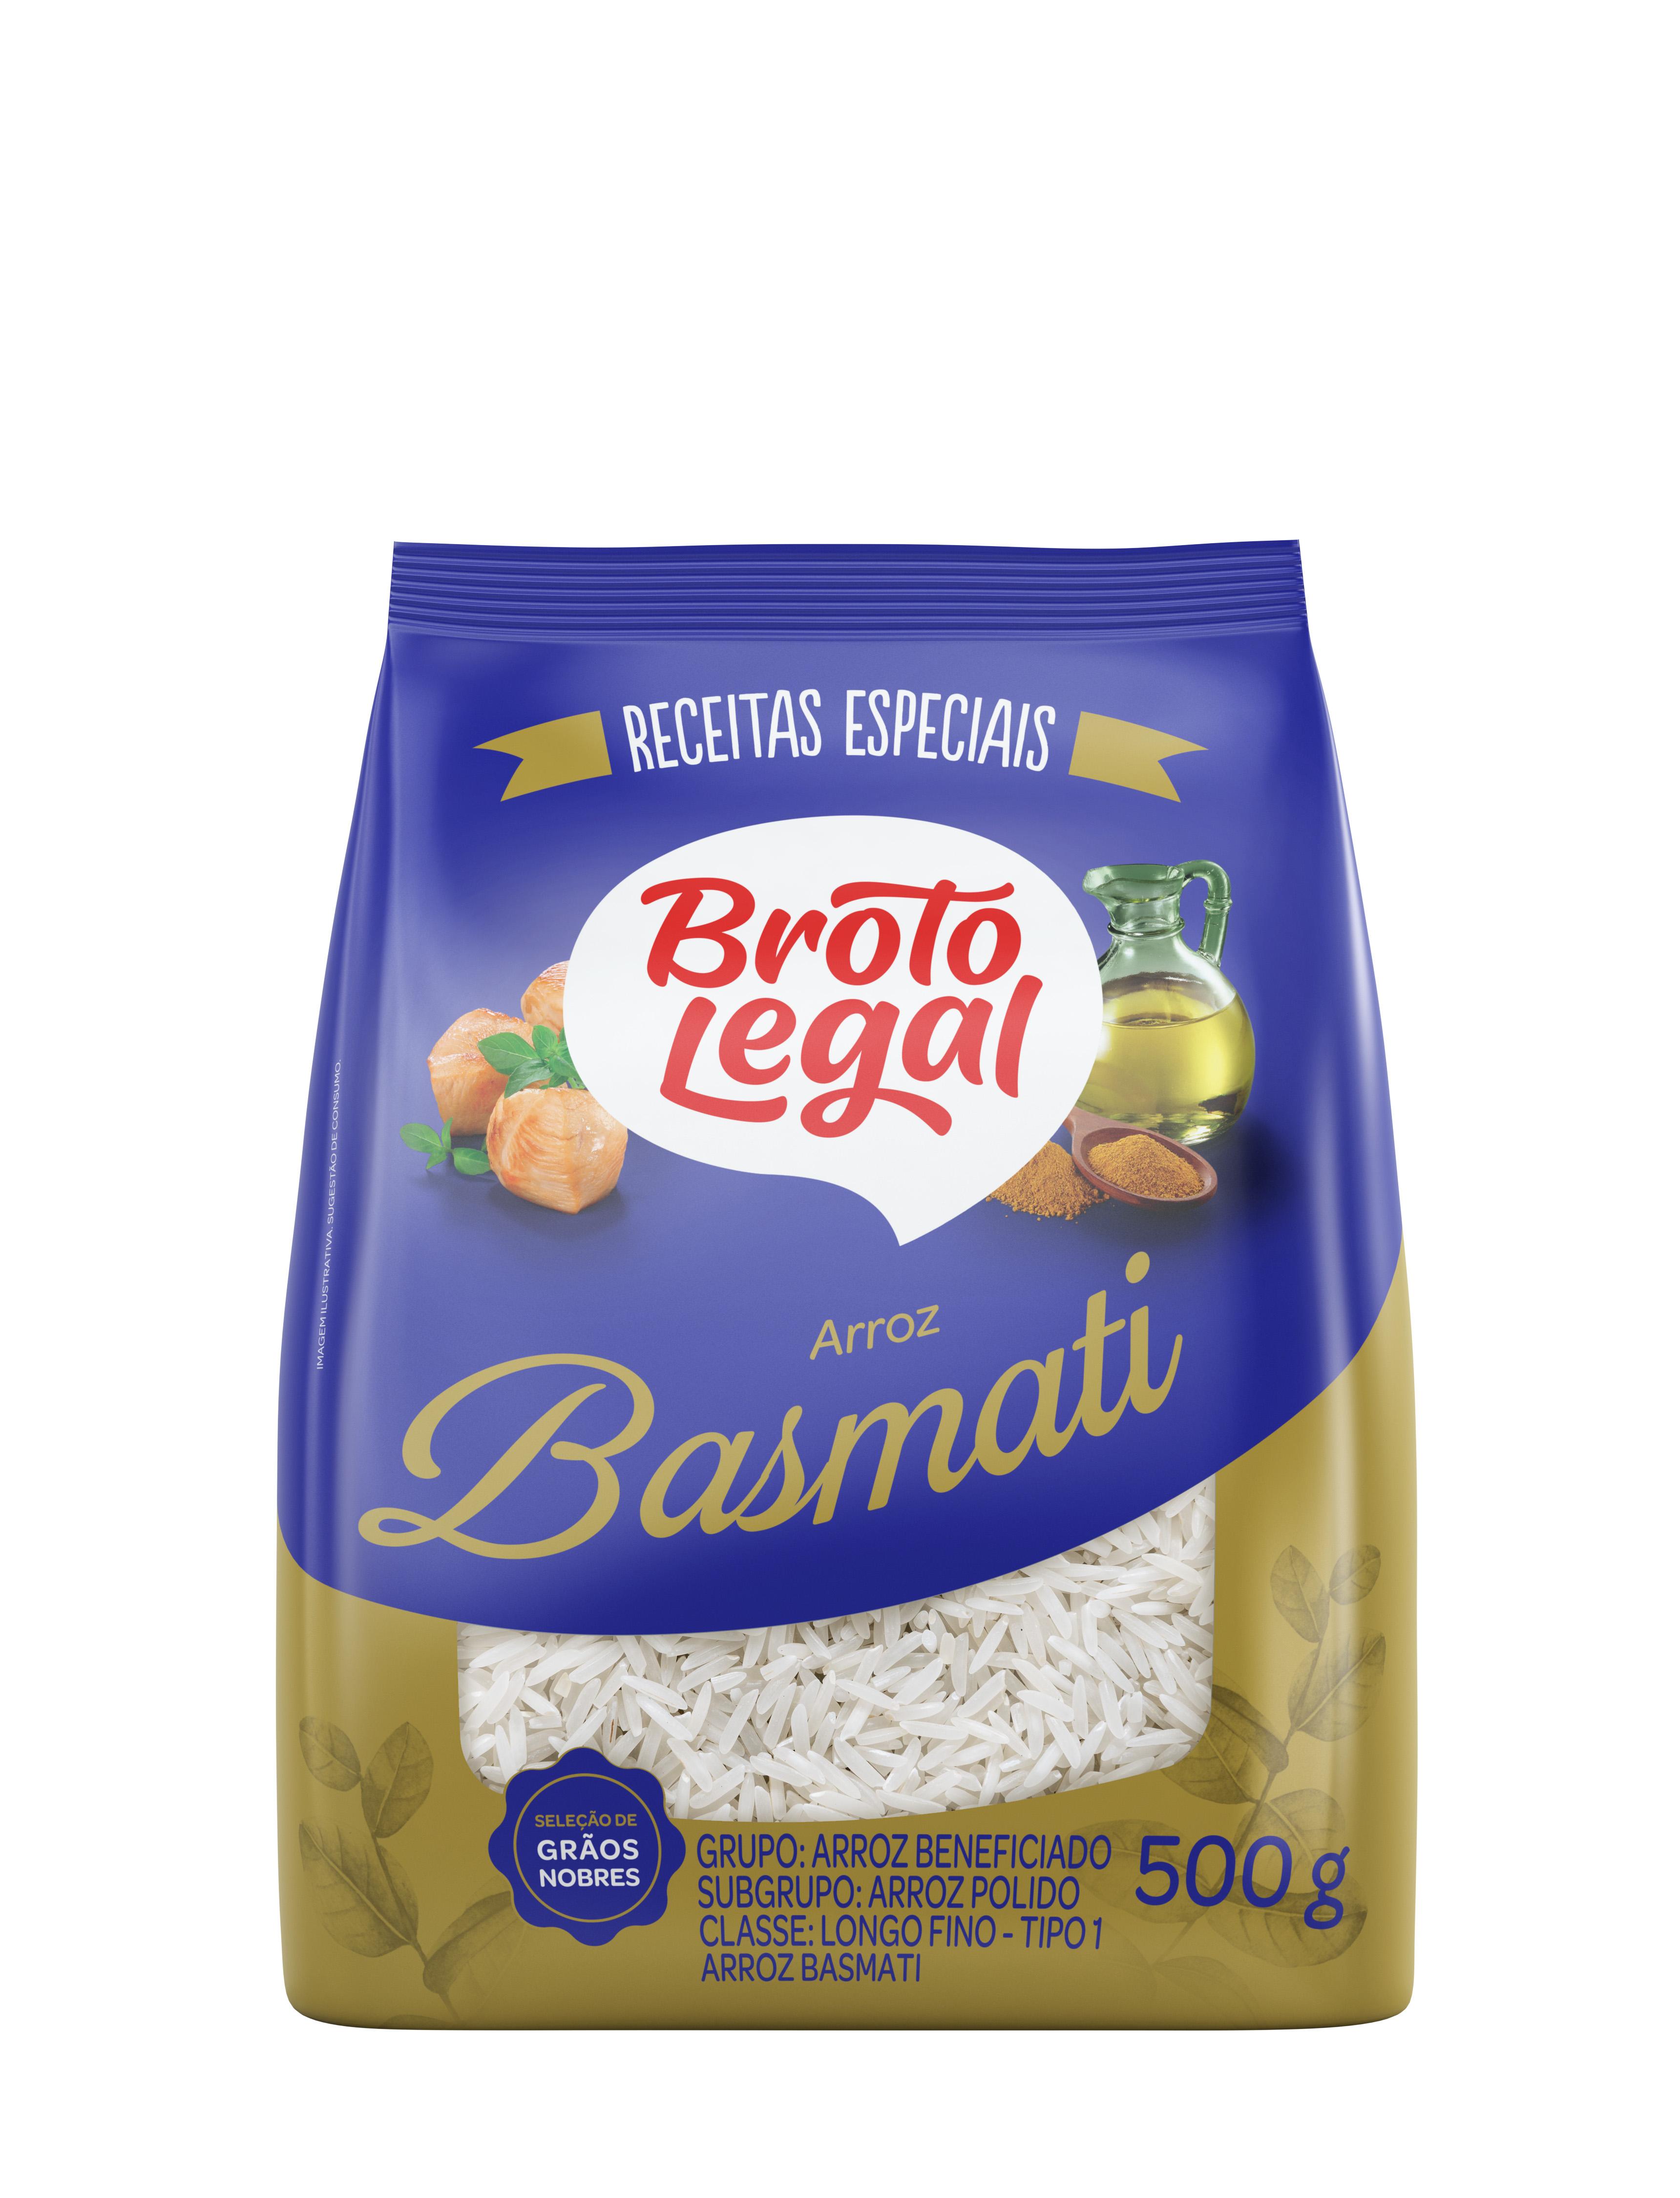 Broto Legal Alimentos na Rádio Bandeirantes